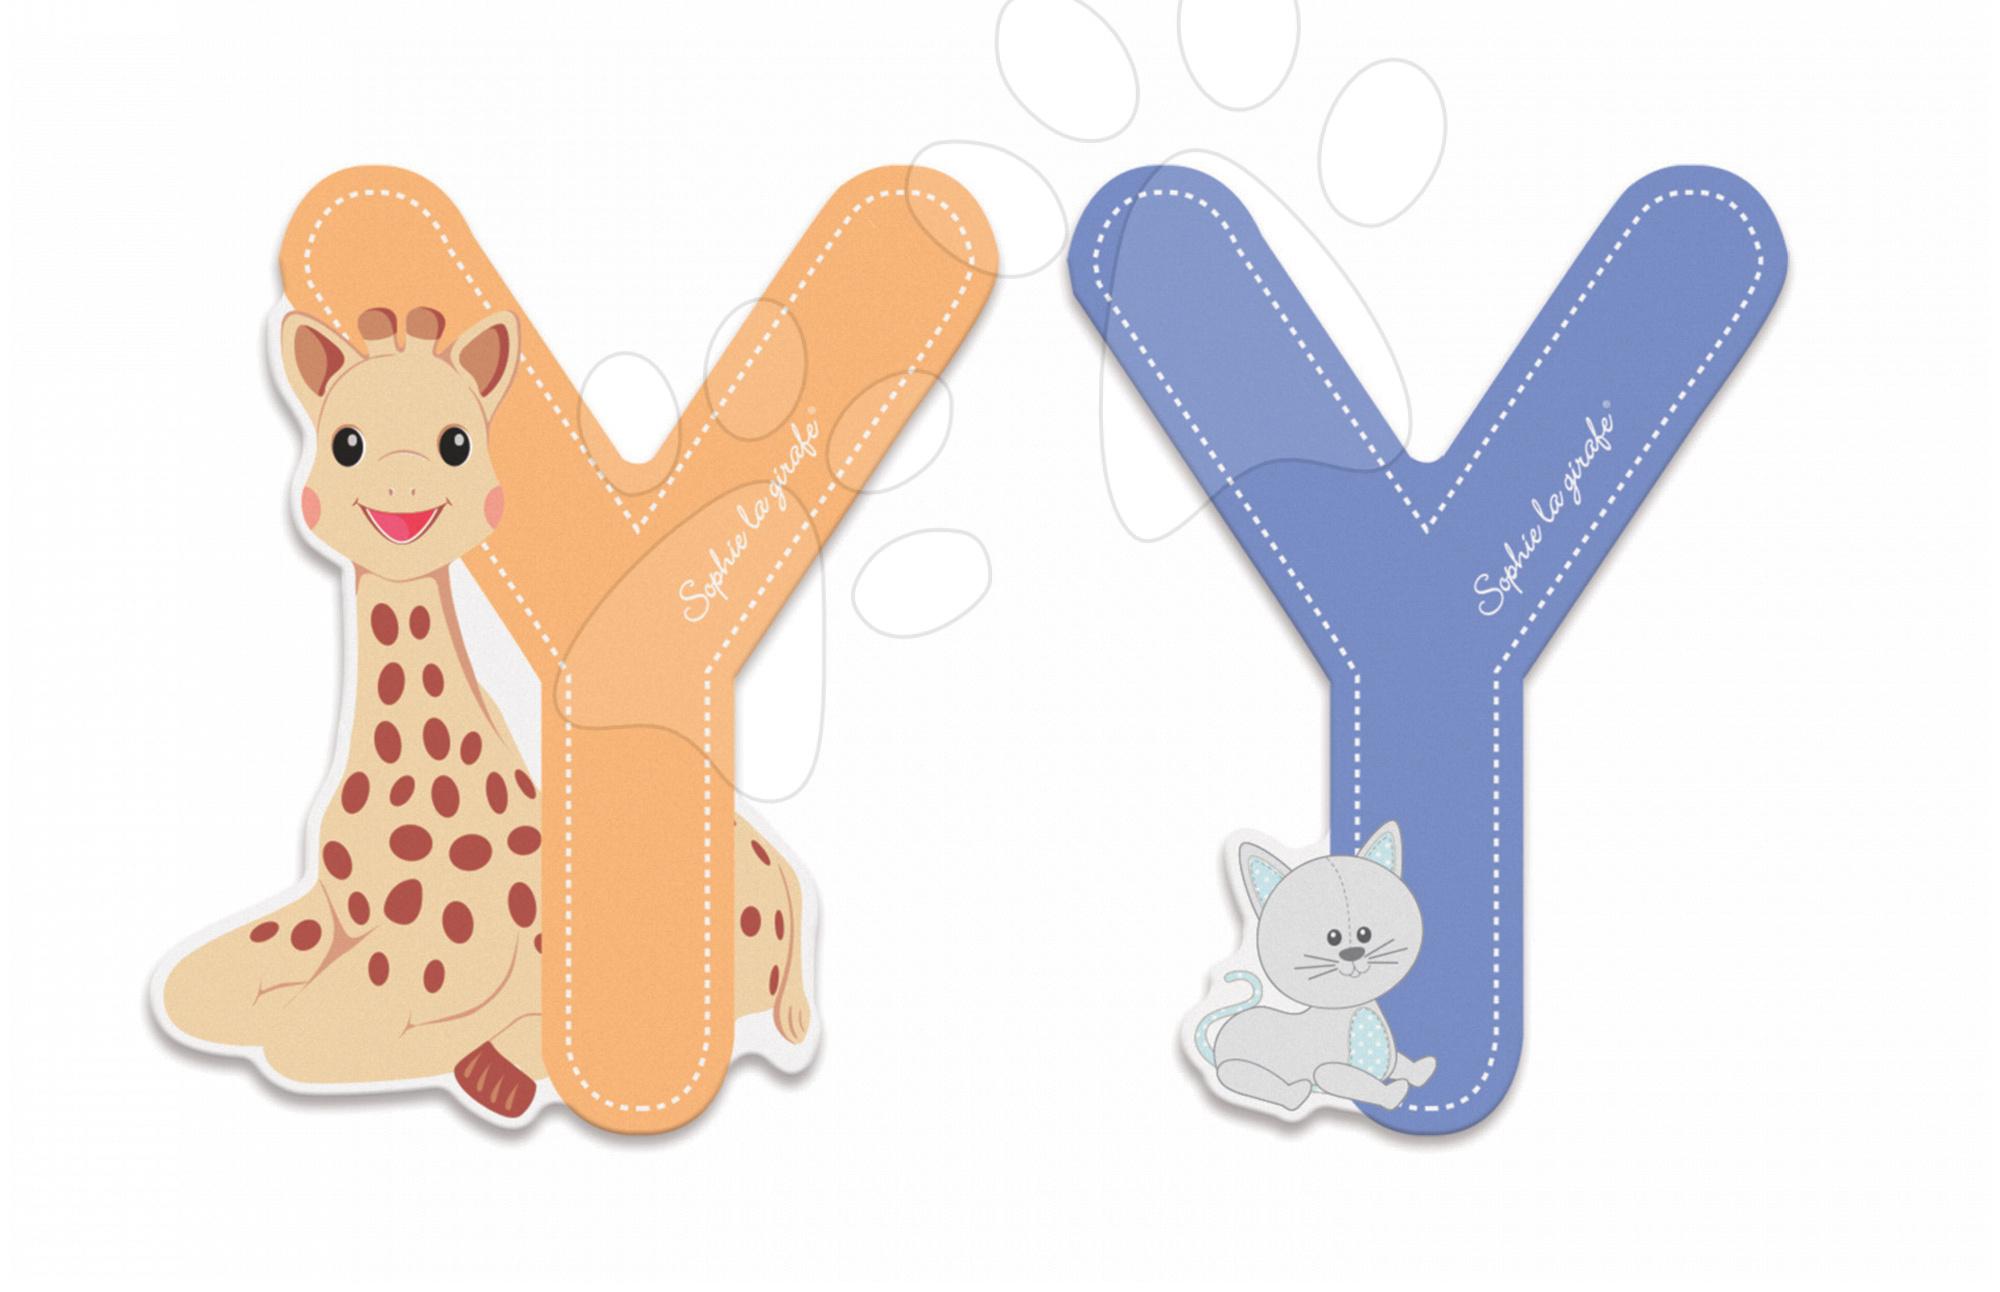 Dekorácie do detských izieb - Drevené písmeno Y Sophie The Giraffe Janod lepiace 7 cm modré/oranžové od 3 rokov